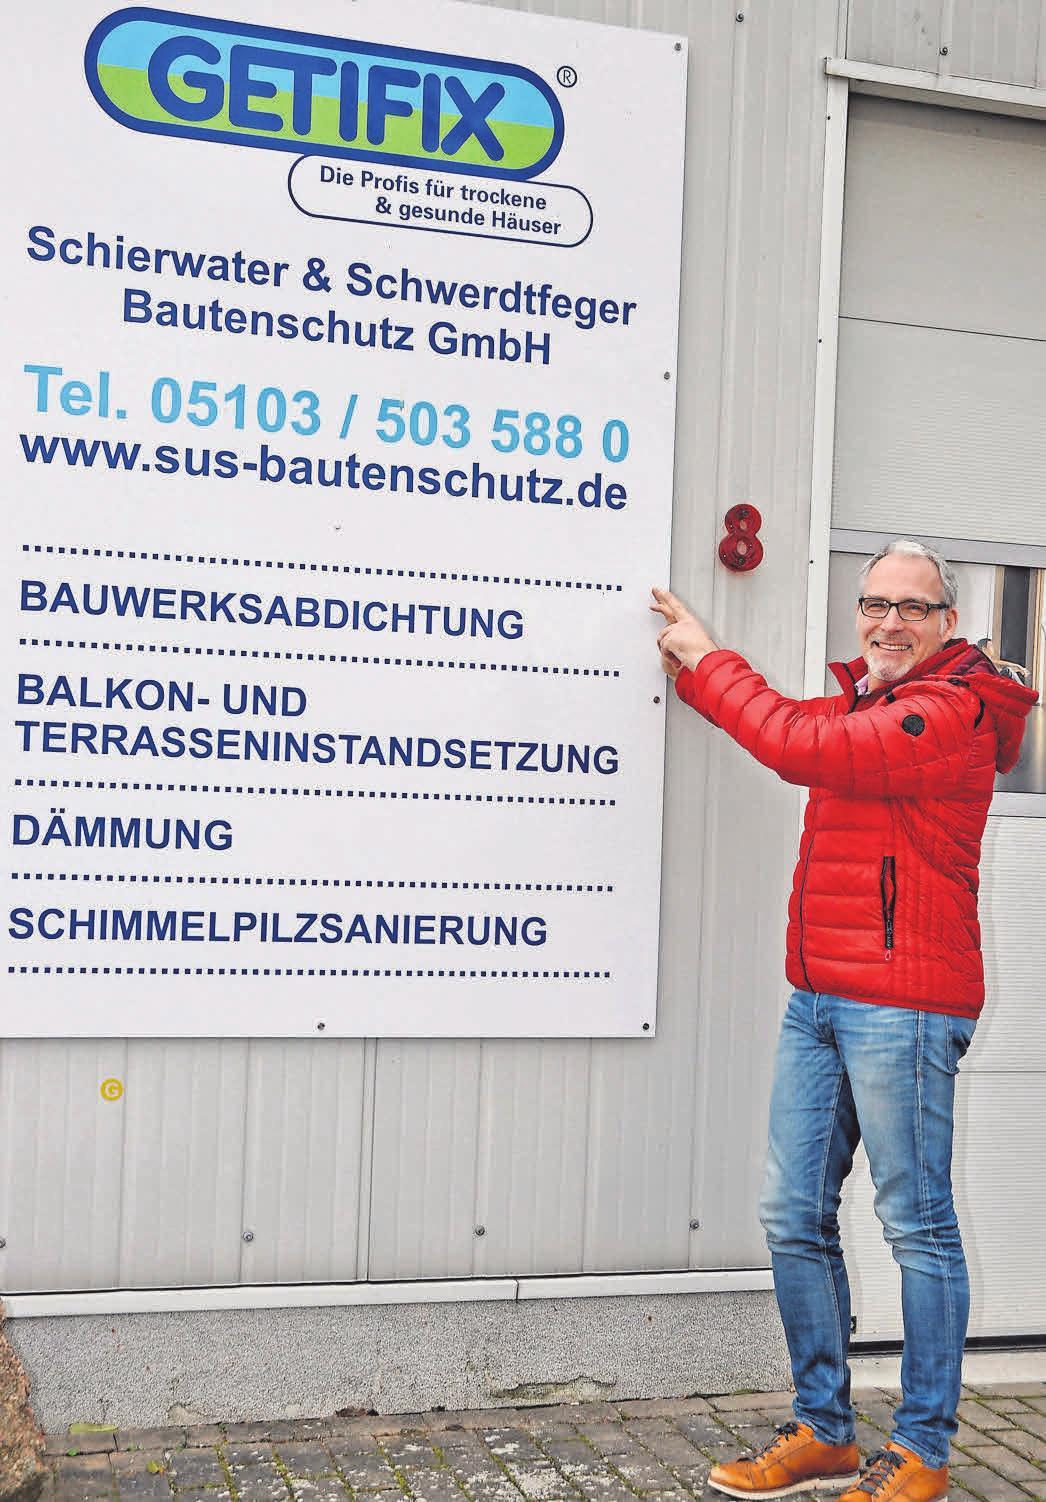 Arndt Schwerdtfeger leitet das Unternehmen. Foto: Archiv